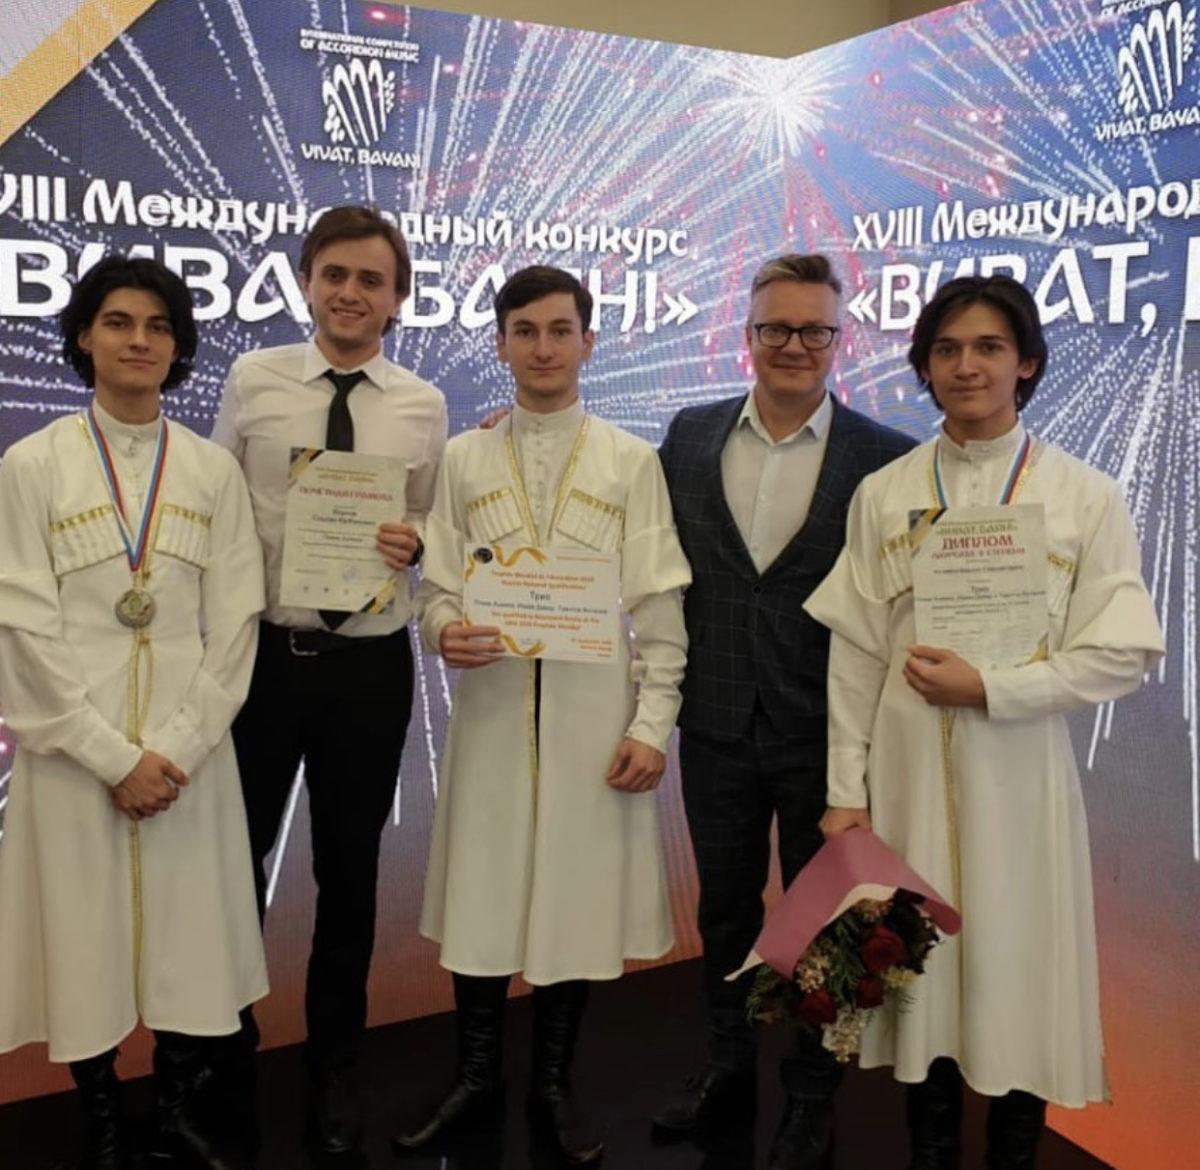 Студенты ВКИ им. В. Гергиева успешно выступили на международном фестивале «Виват, баян!»